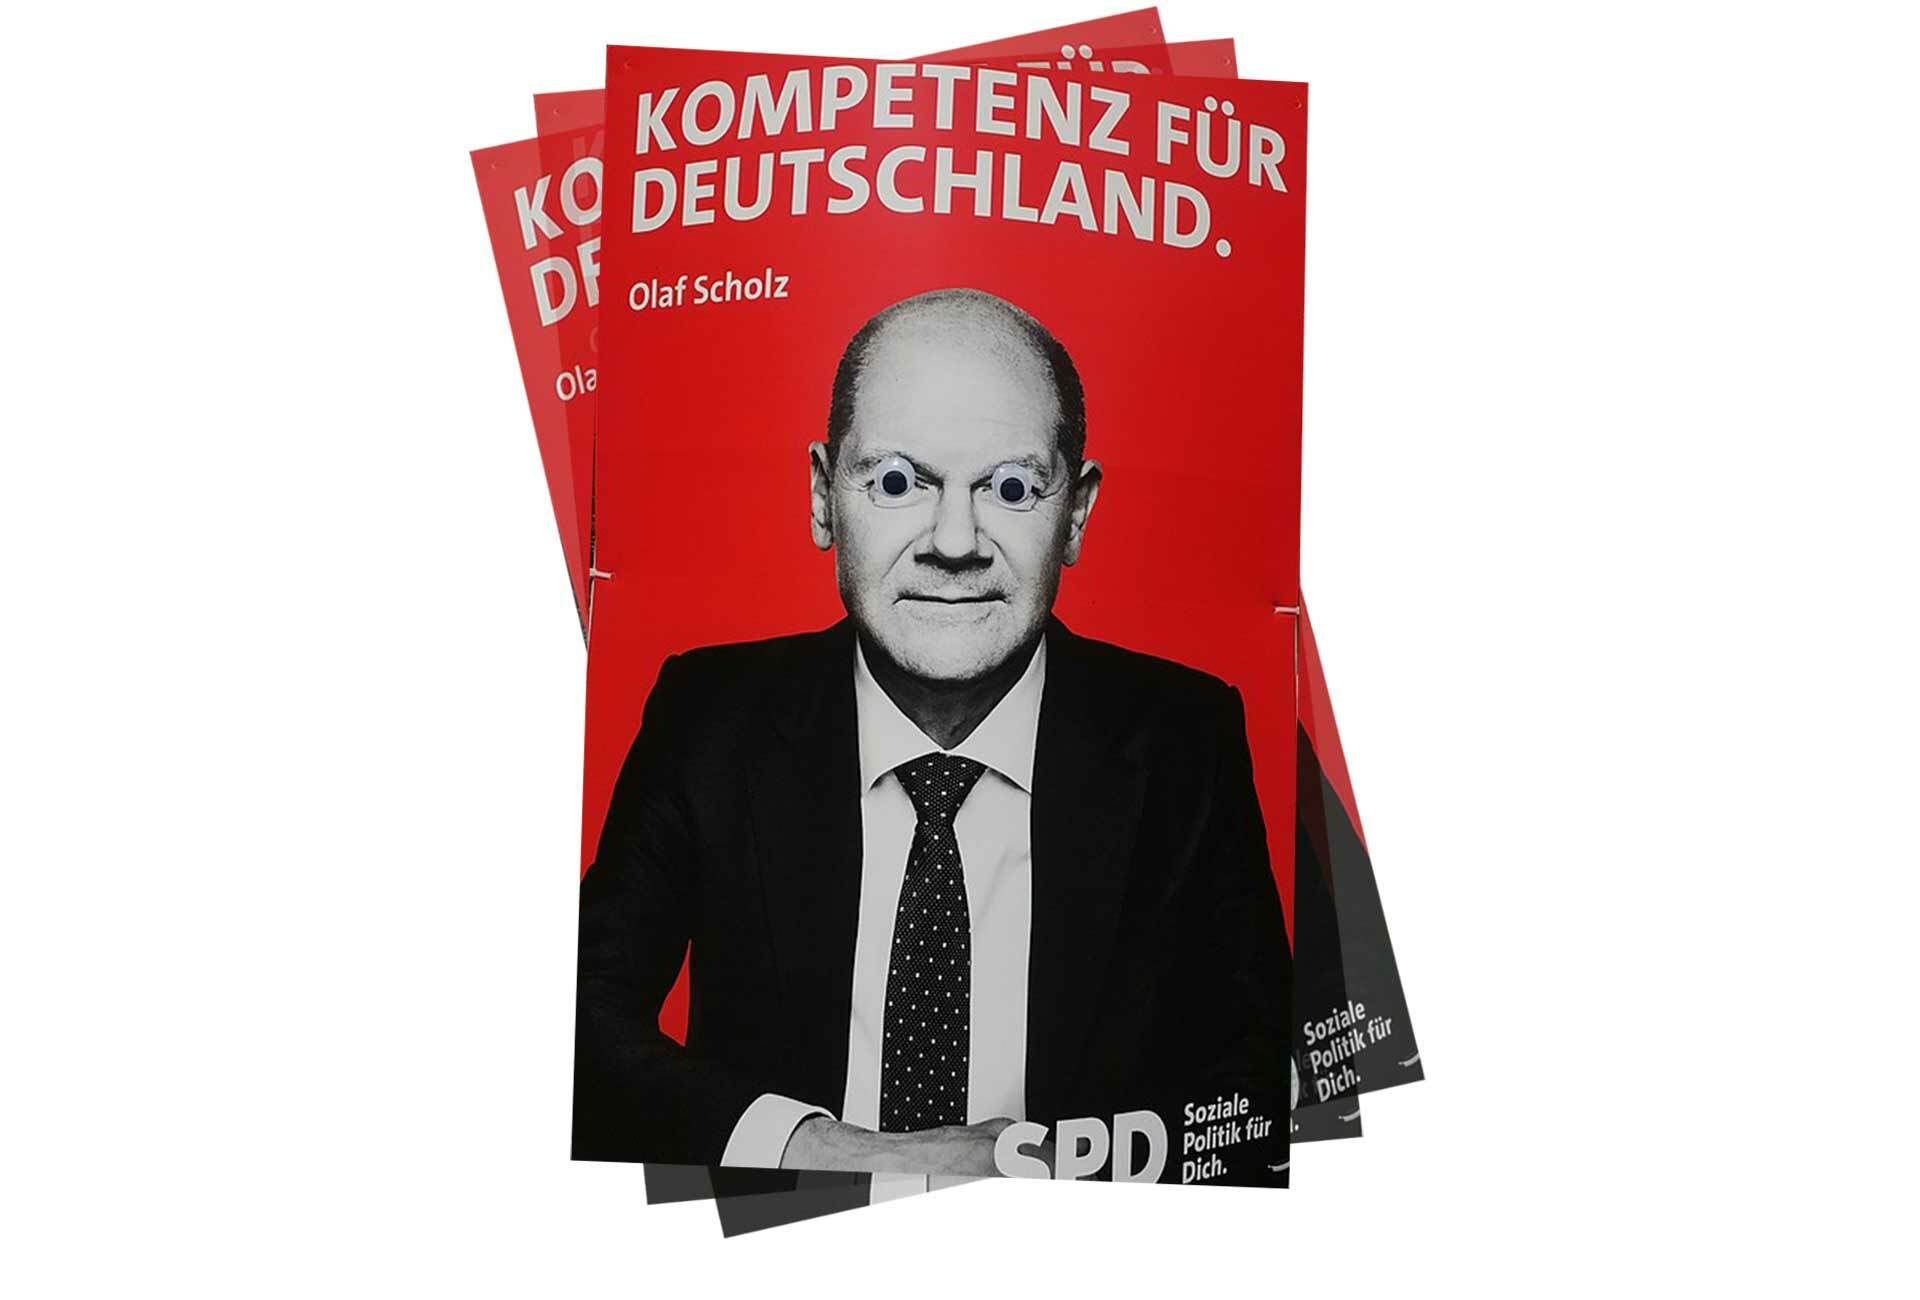 Meine Meinung zum SPD Kanzler-Kandidat